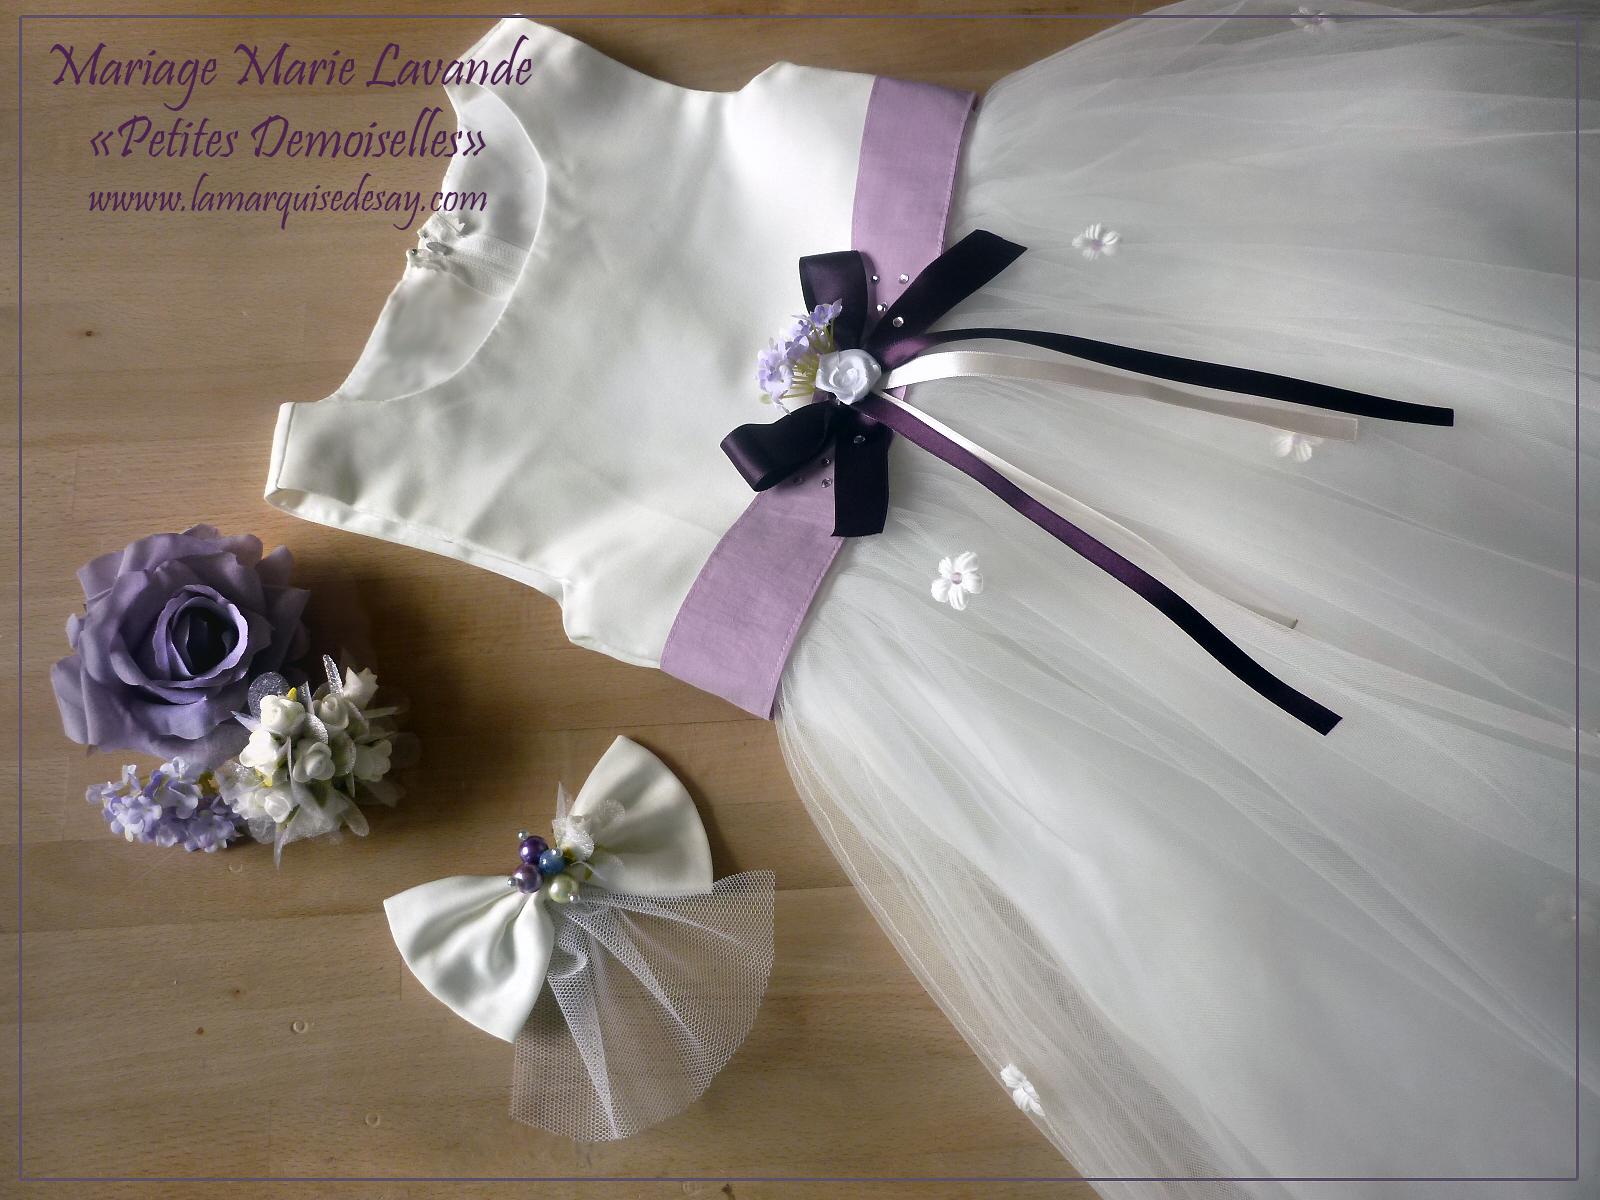 Demoiselle d'honneur avec sa voilette - Assortie à la mariée